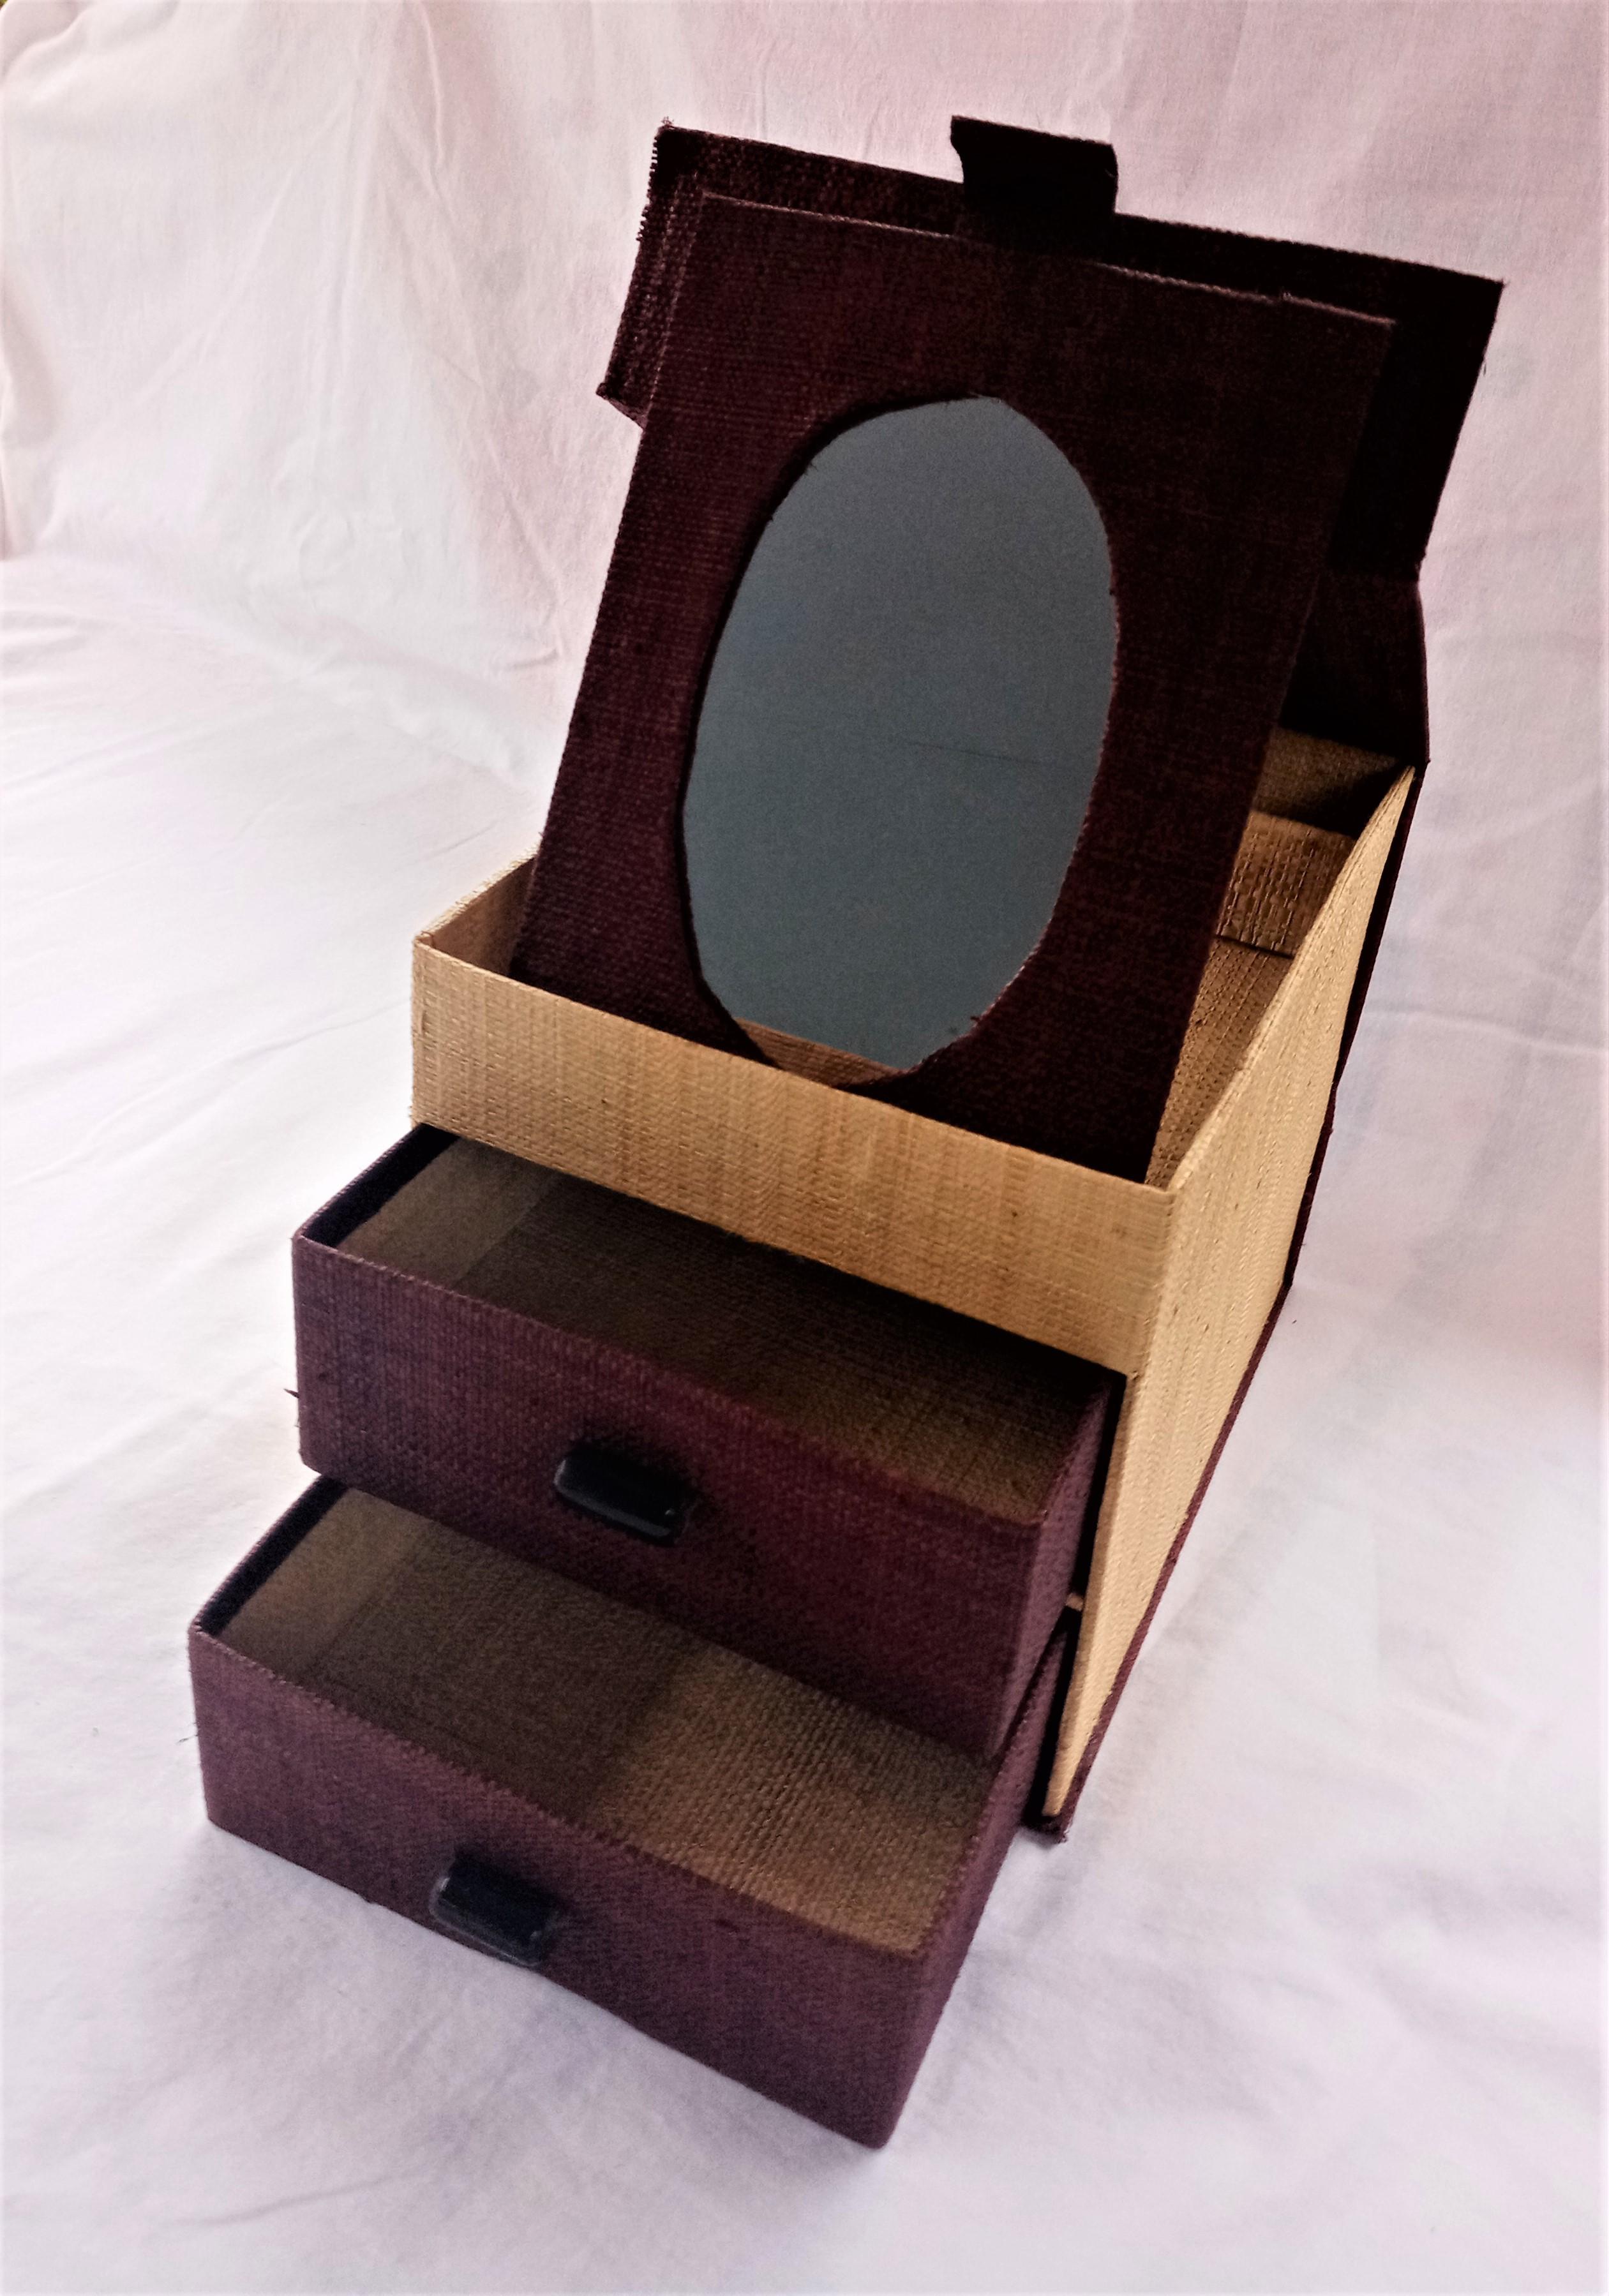 Galerie d'image - Les trésors du monde de l'artisanat